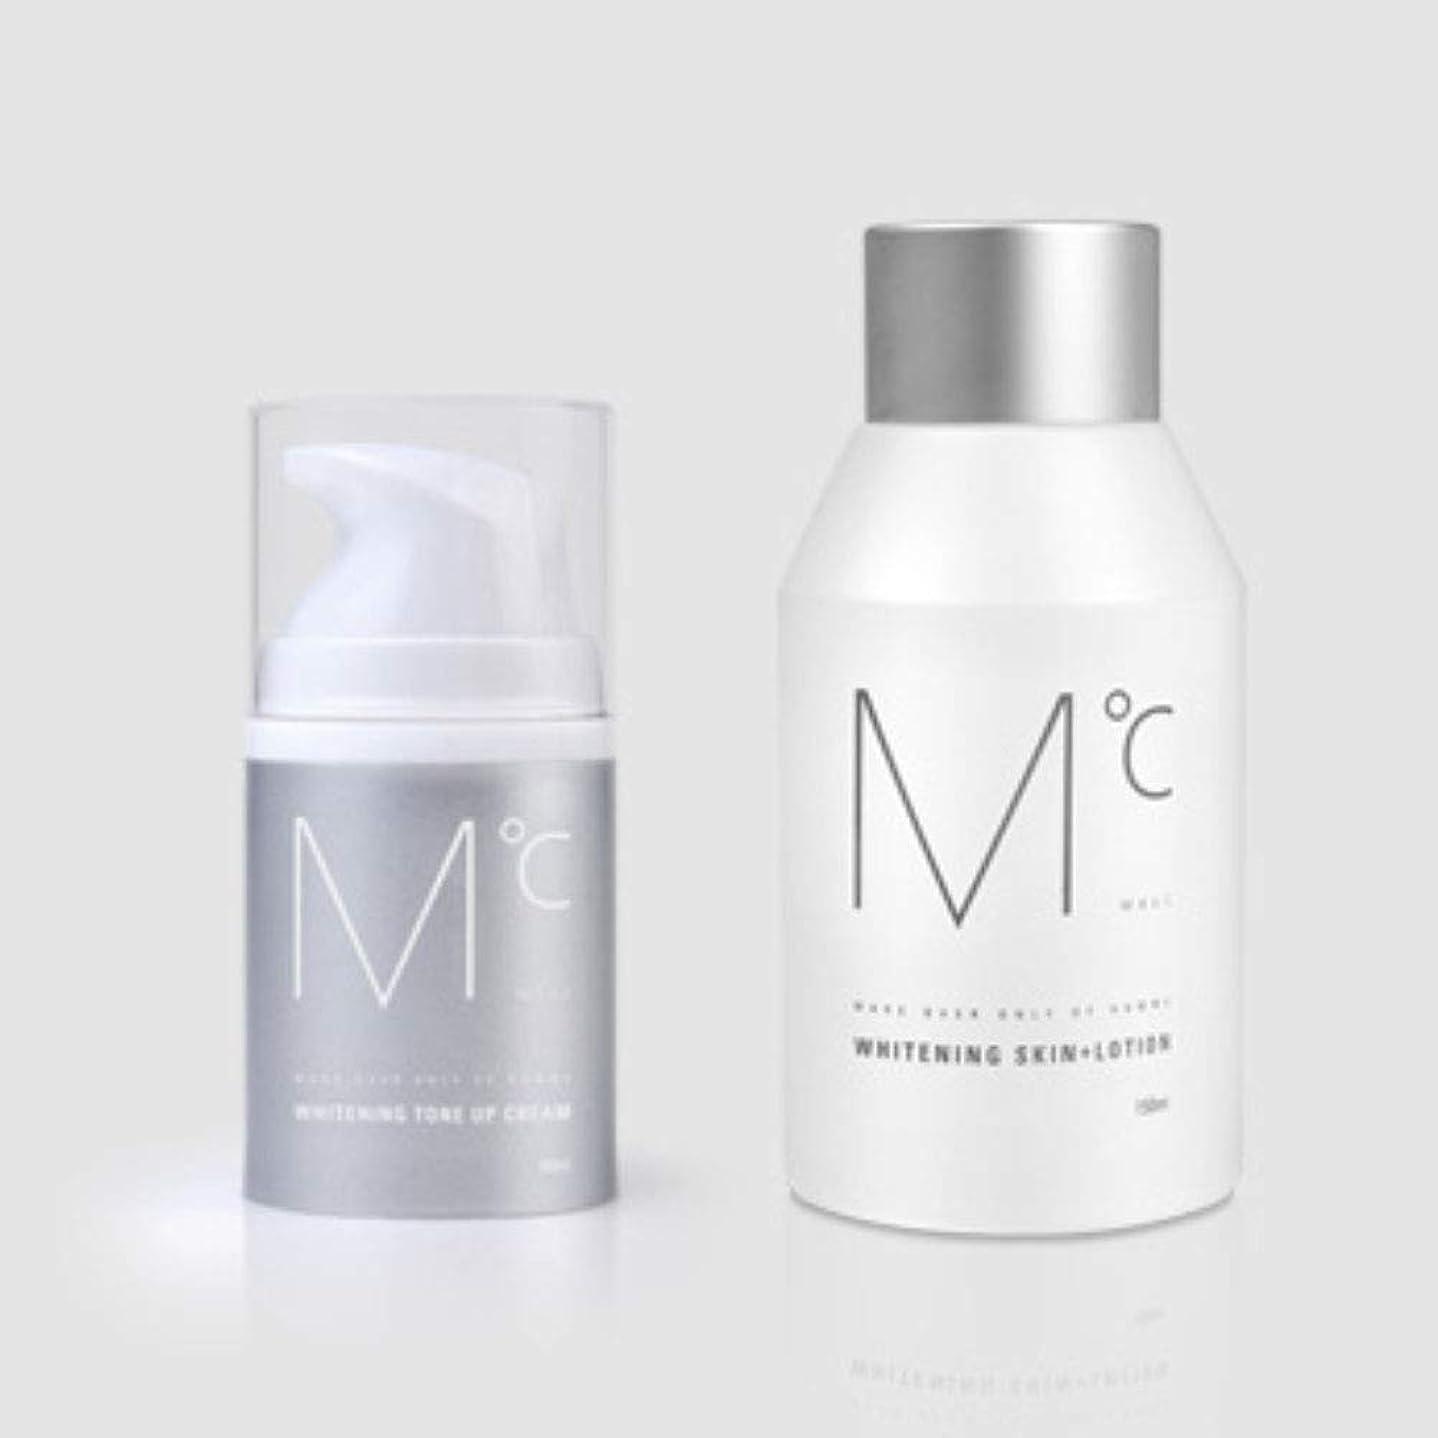 周りチーフ物語M°C Whitening Tone-UP Set(スキン+ローション&クリーム) Men's男性KOREA化粧品MdoC